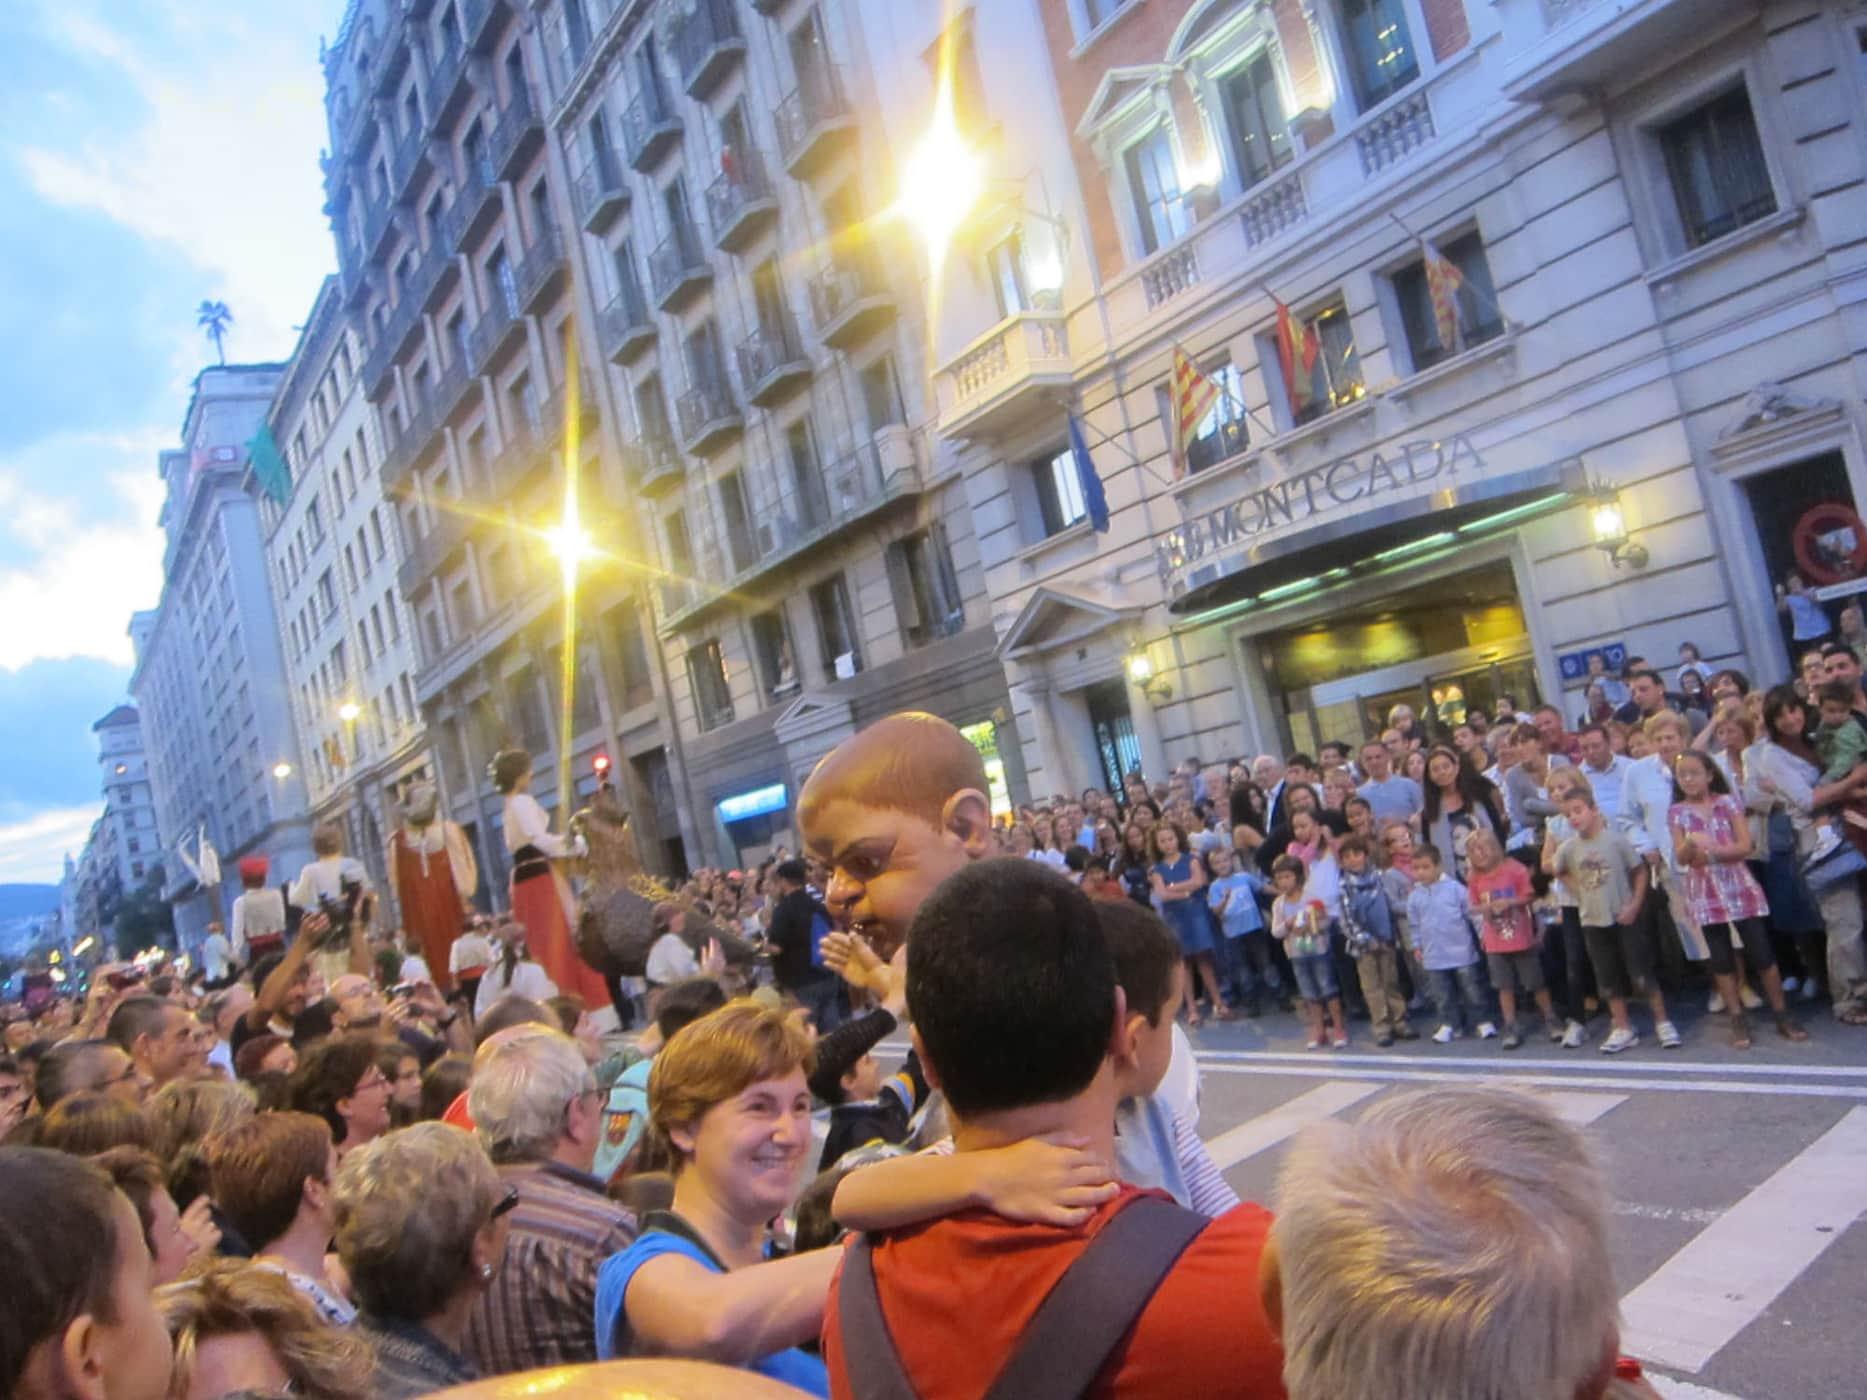 Gegants parade at La Mercè Festival in Barcelona, Spain